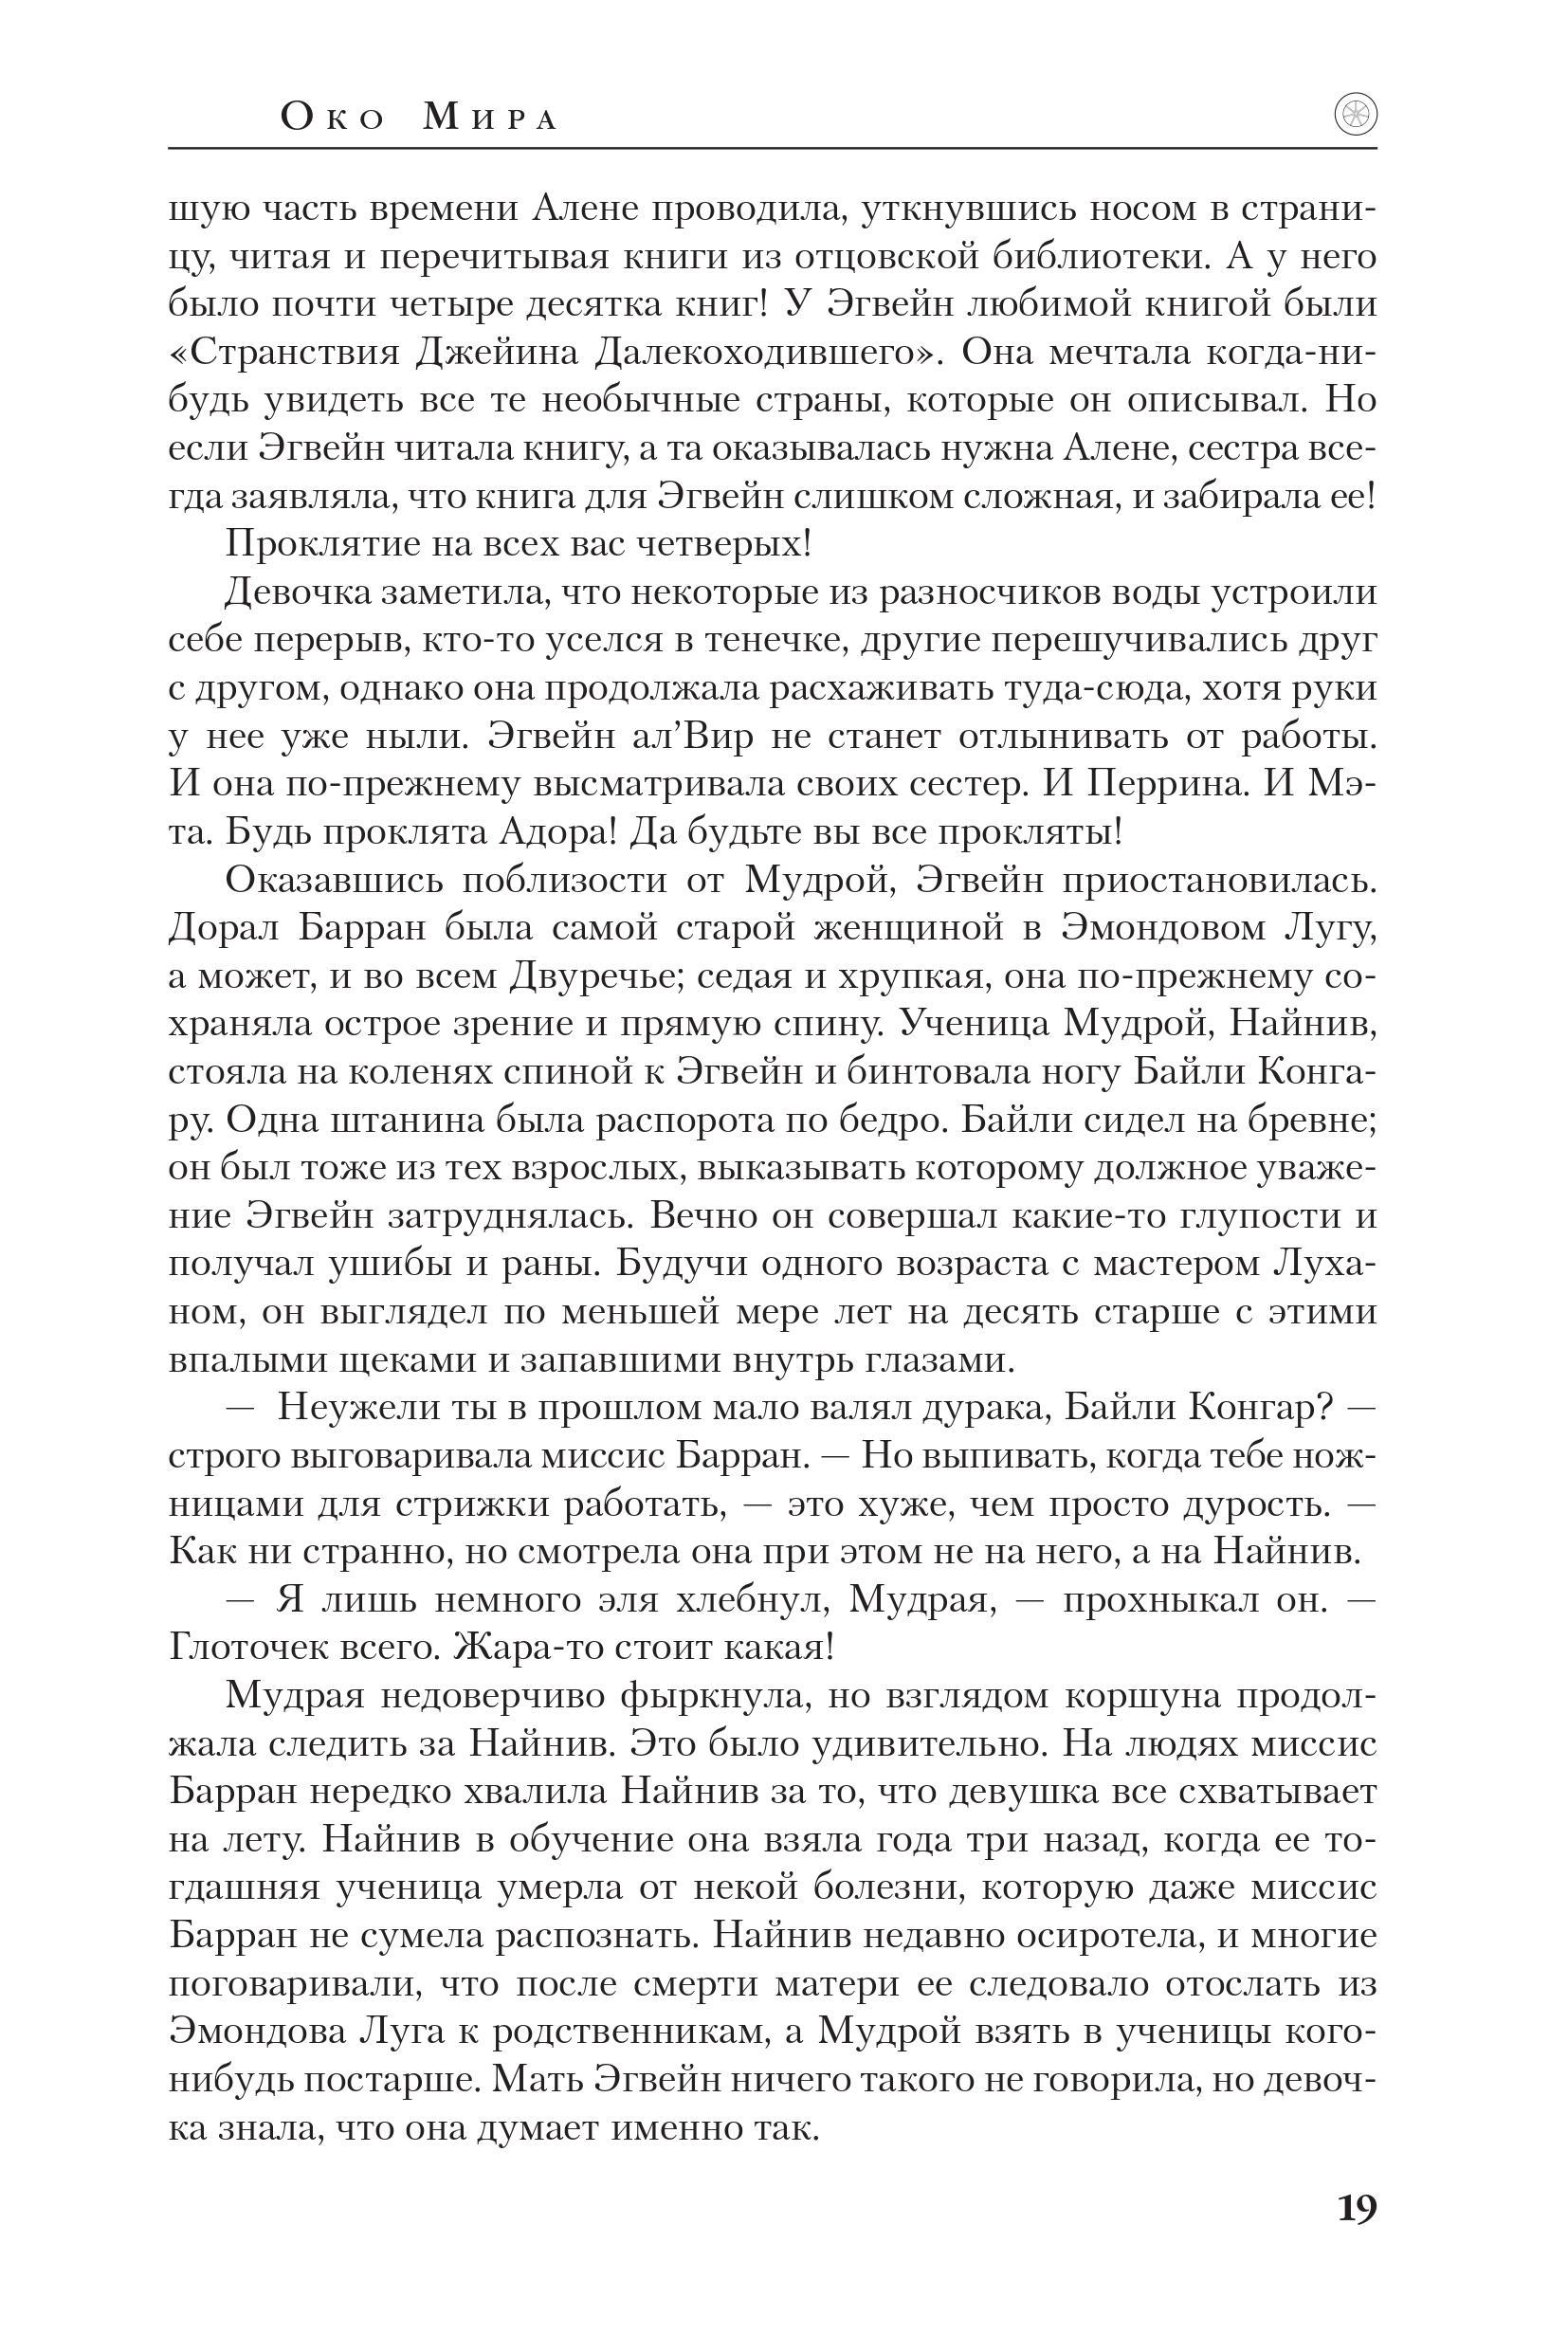 «Вороны»: отрывок изпереиздания романа «Око мира», первой части «Колеса времени» 16